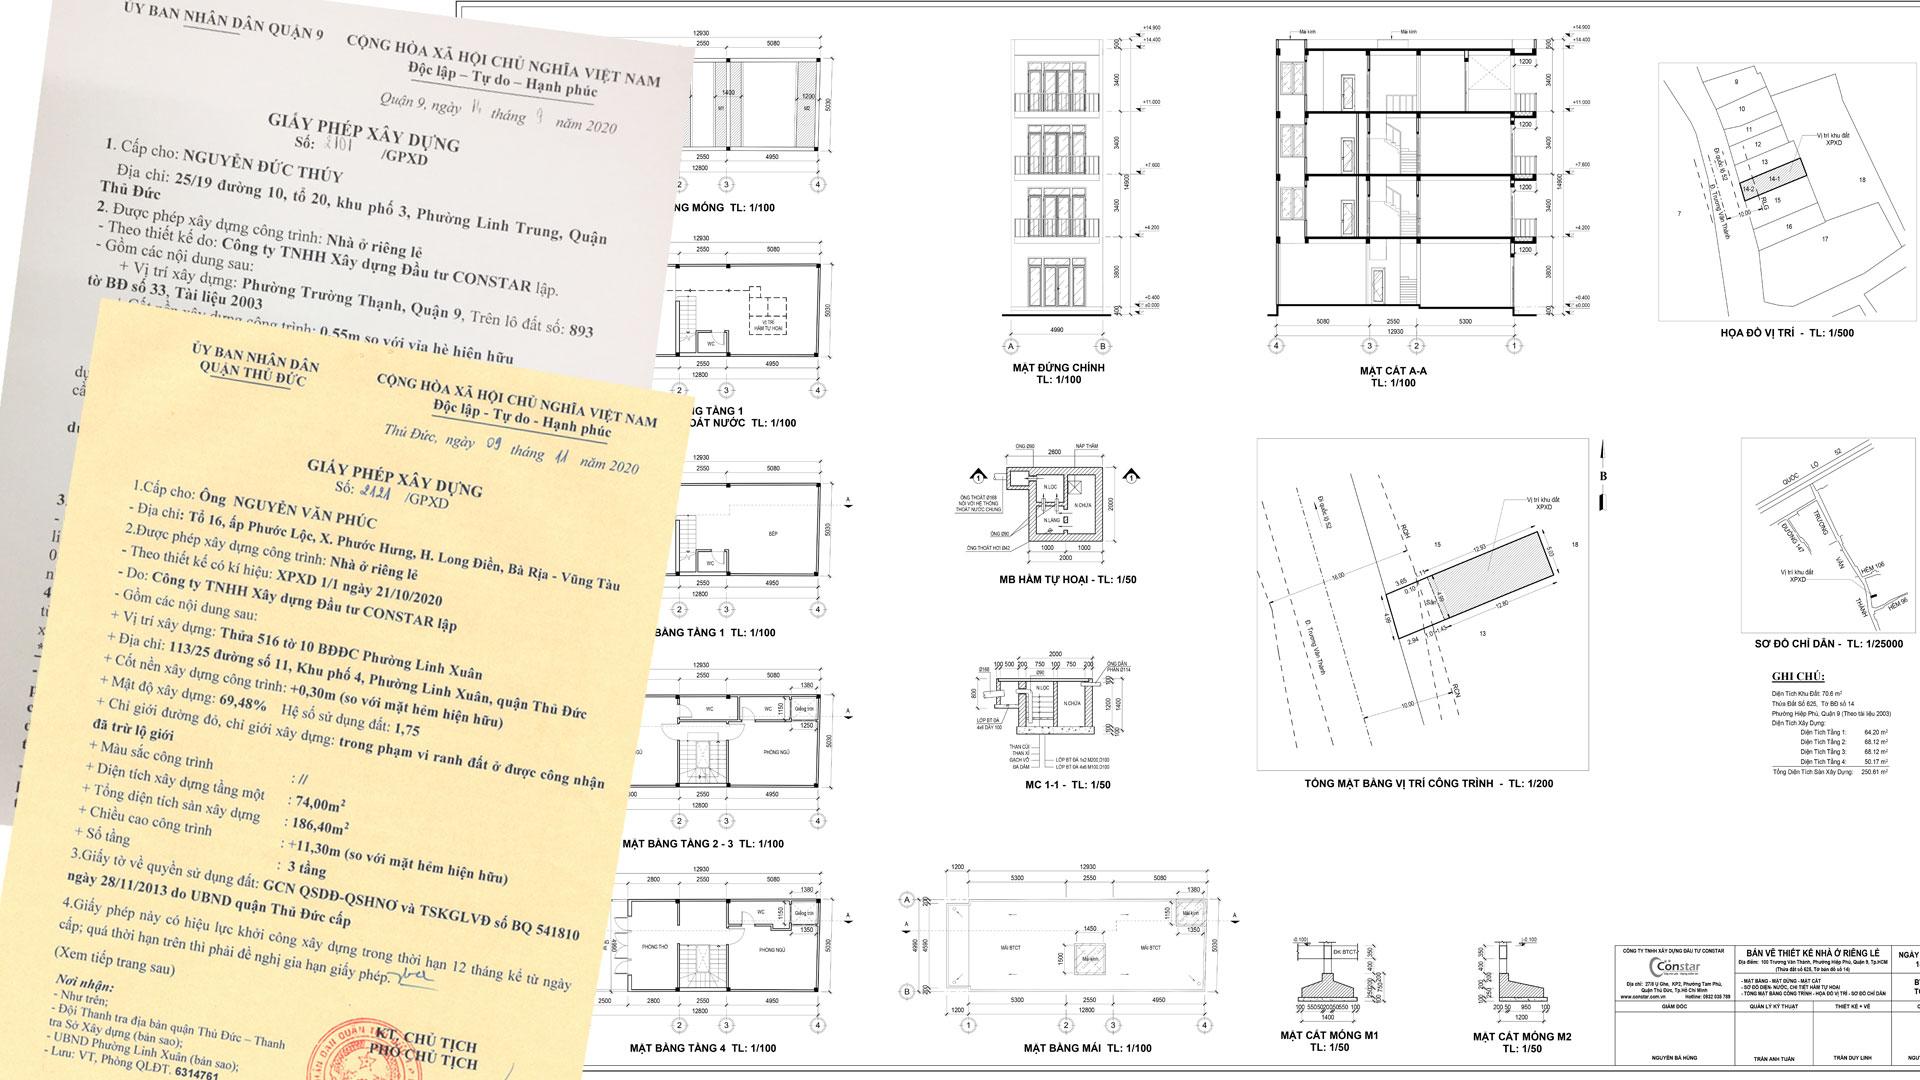 Dịch vụ xin giấy phép xây dựng Quận 9, 2 và Thủ Đức